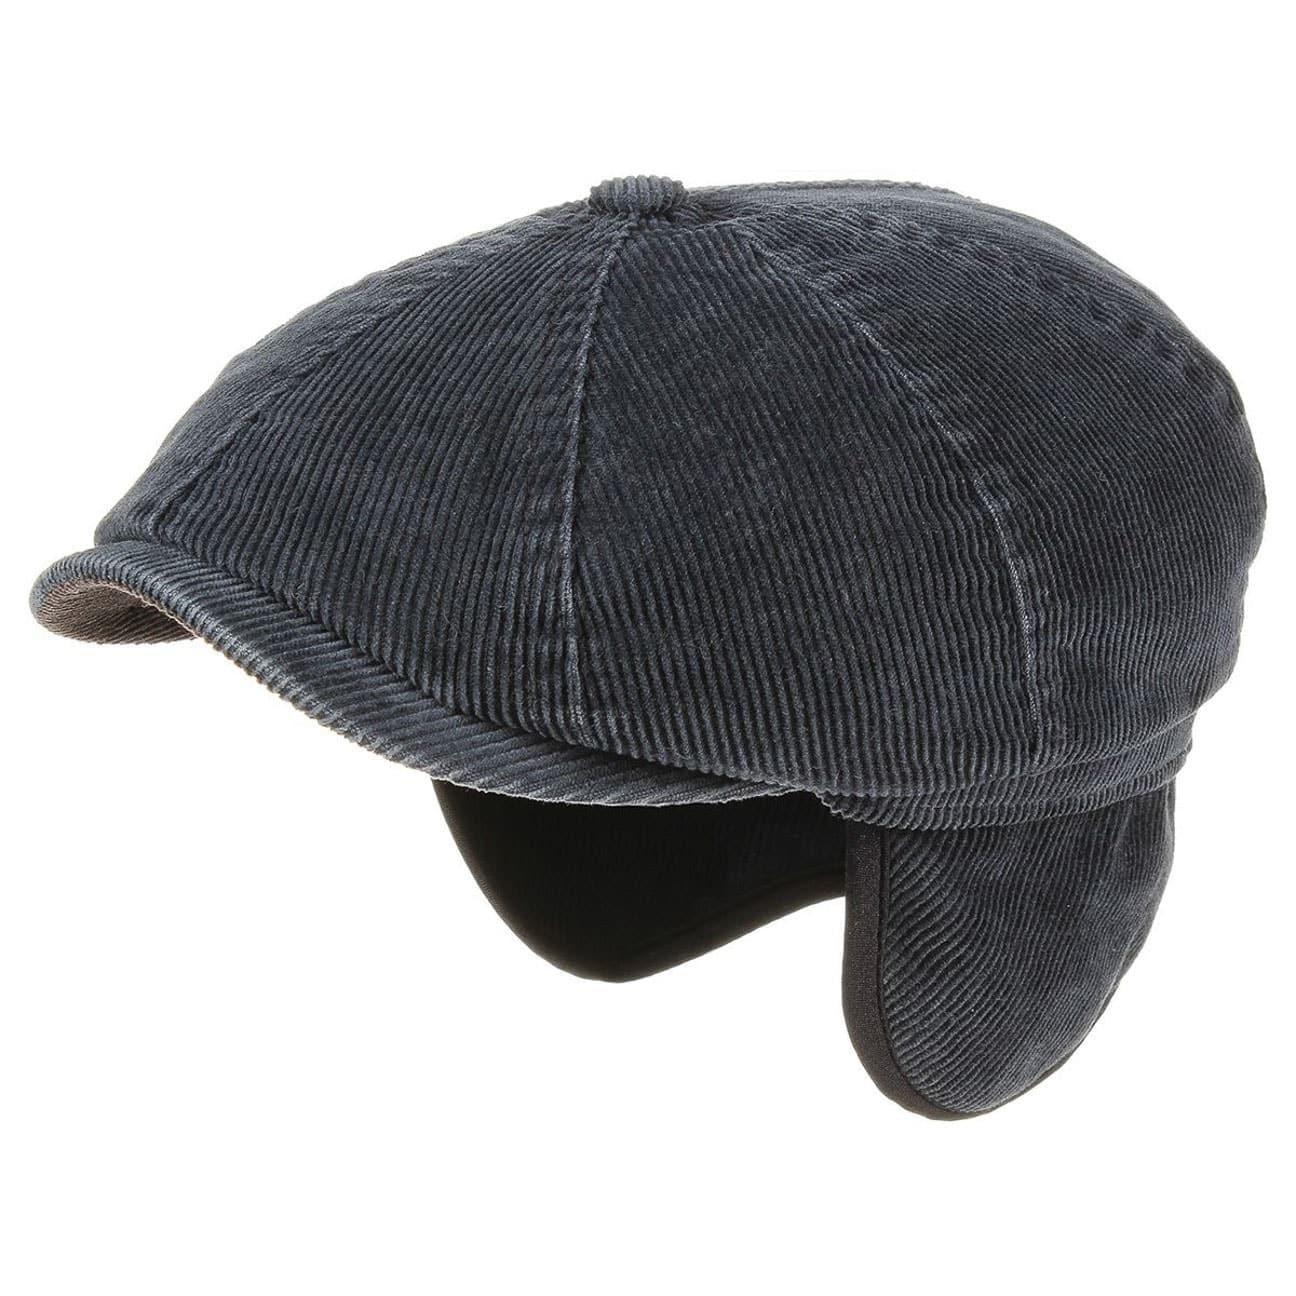 Gorra de Pana Hatteras Orejeras by Stetson - Gorros - sombreroshop.es 194b7a95a53